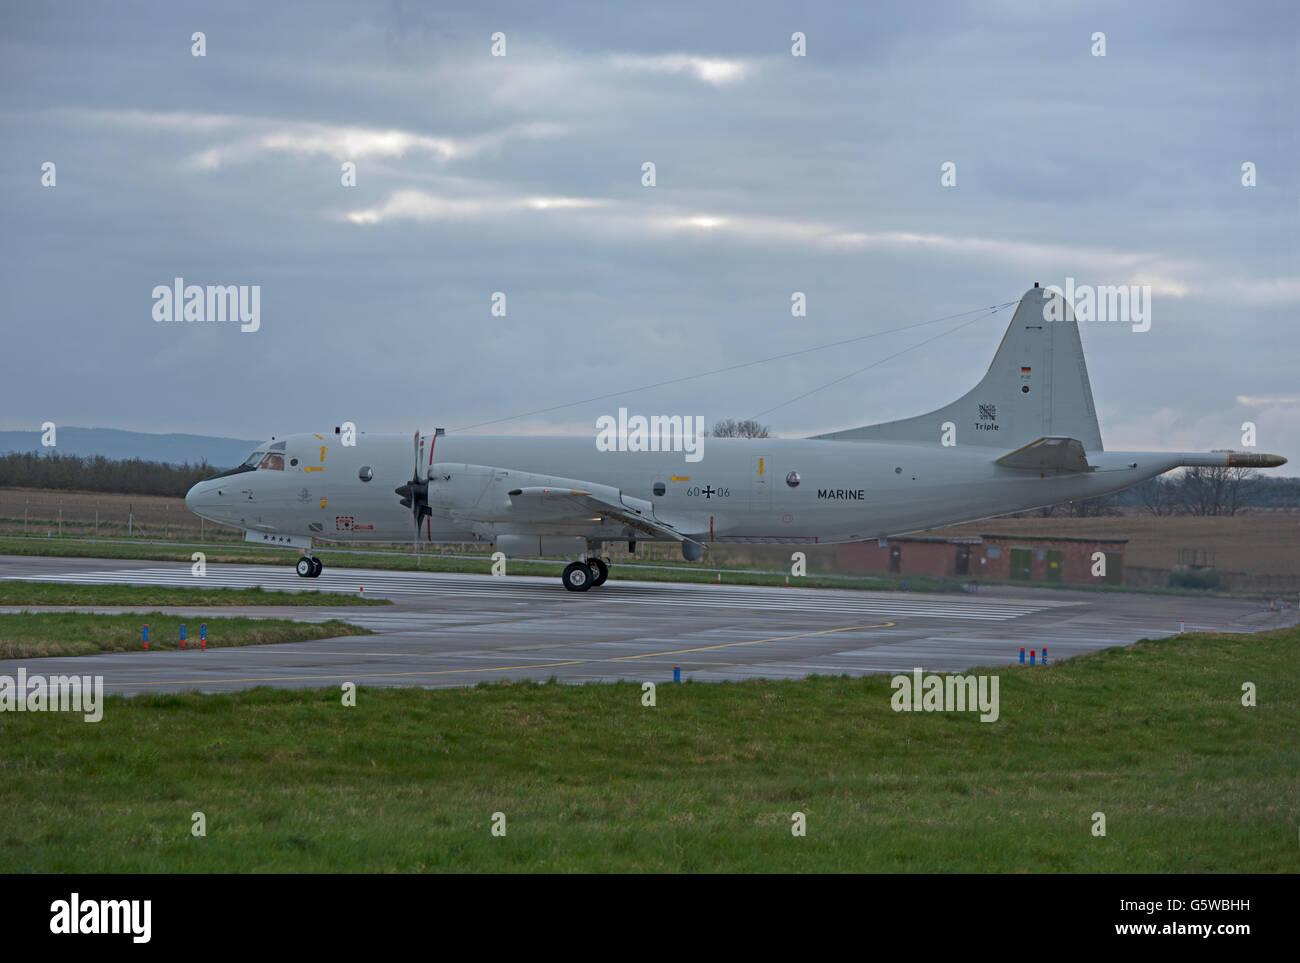 Lockheed P-3C Orion par MFG-3 Nordholz (60 + Enregistrement série 06 10 541 SCO). Banque D'Images